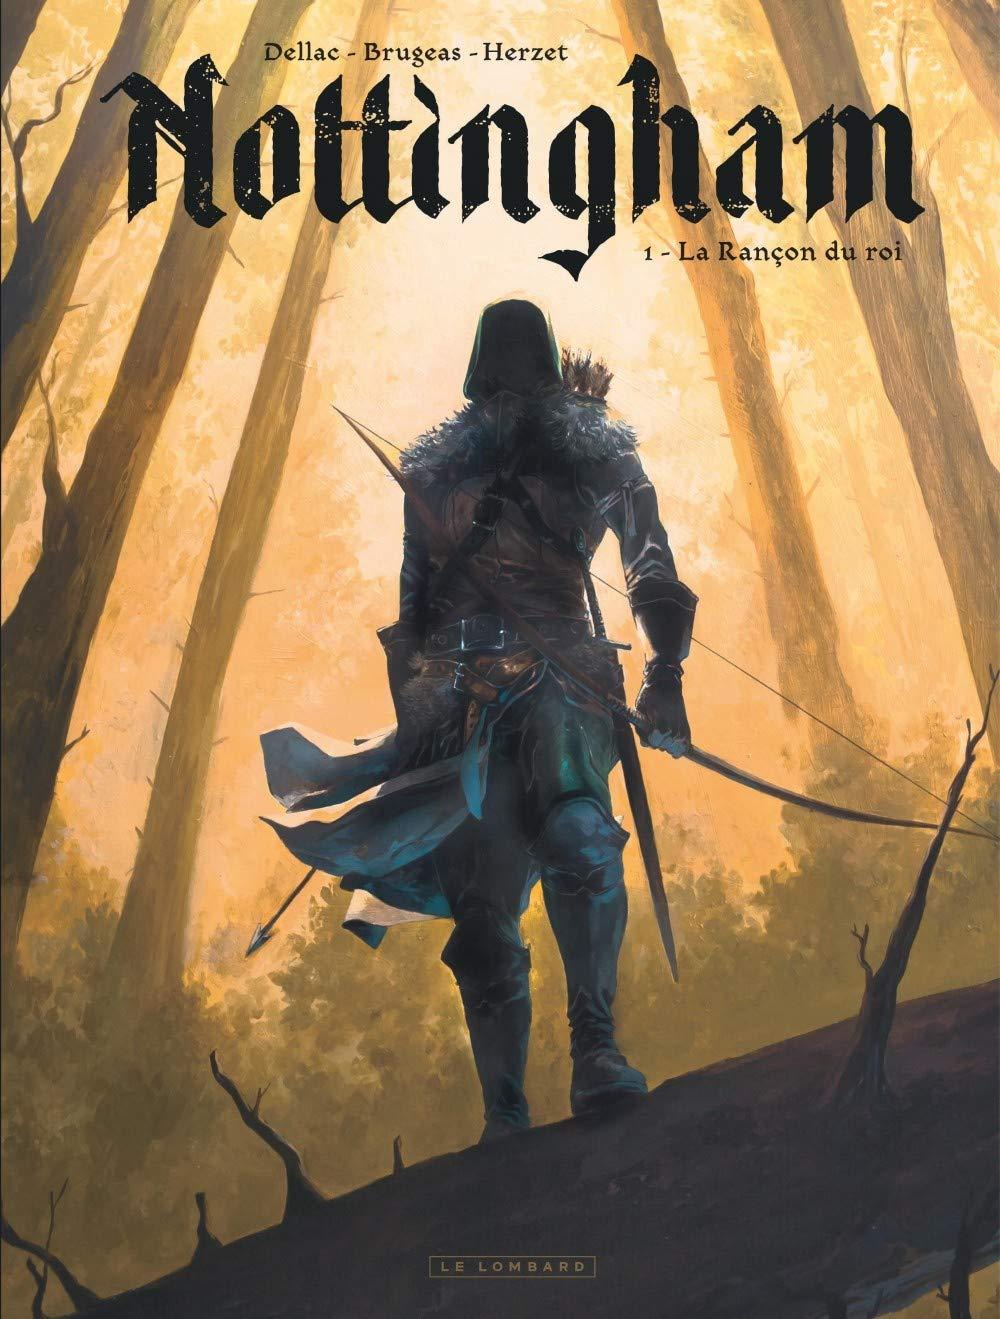 Nottingham 1 - La rançon du roi